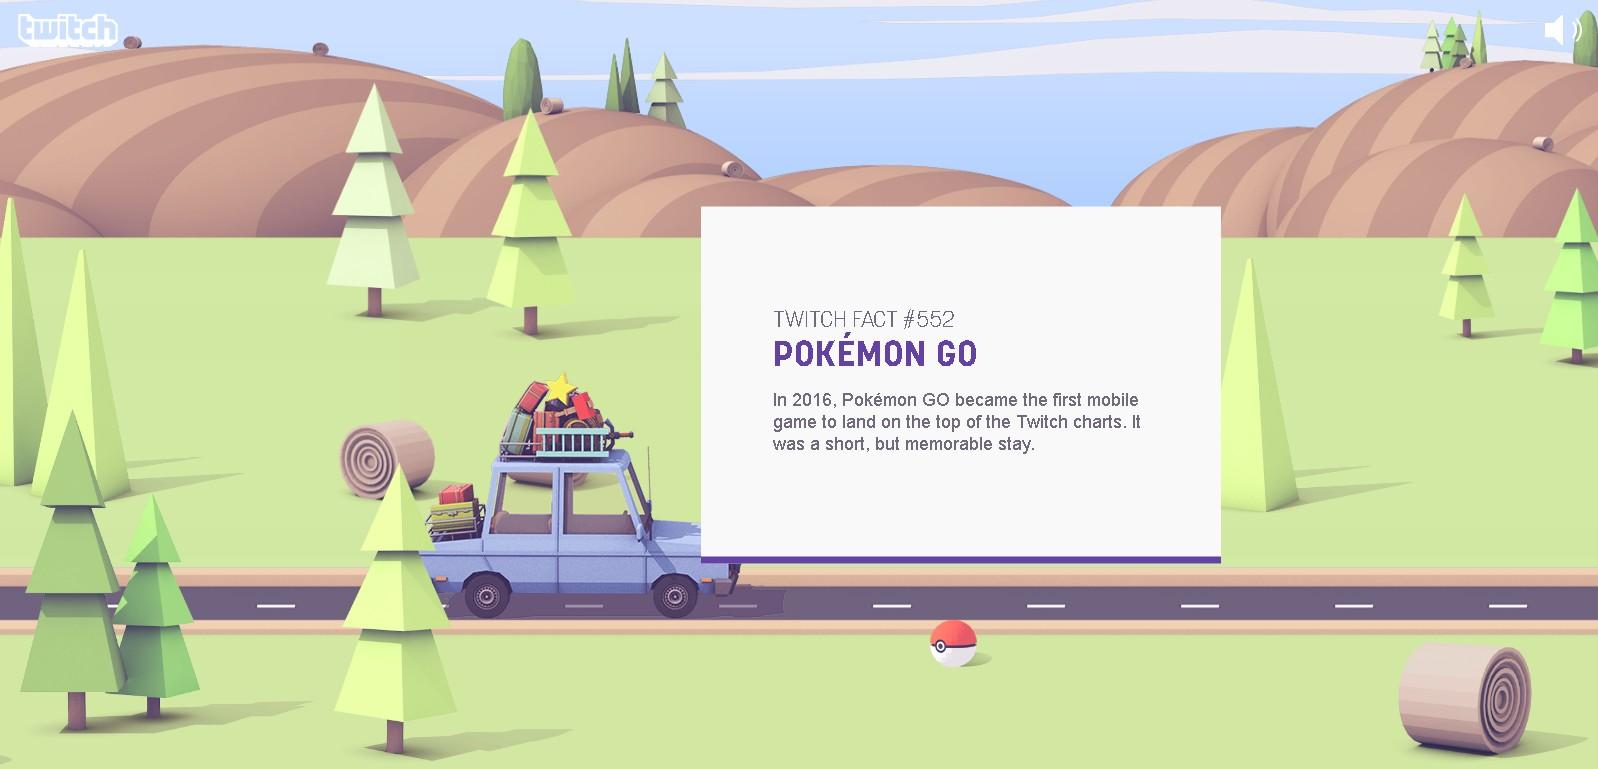 Thì ra đây chính là tựa game mới được nhiều người xem nhất trên Twitch